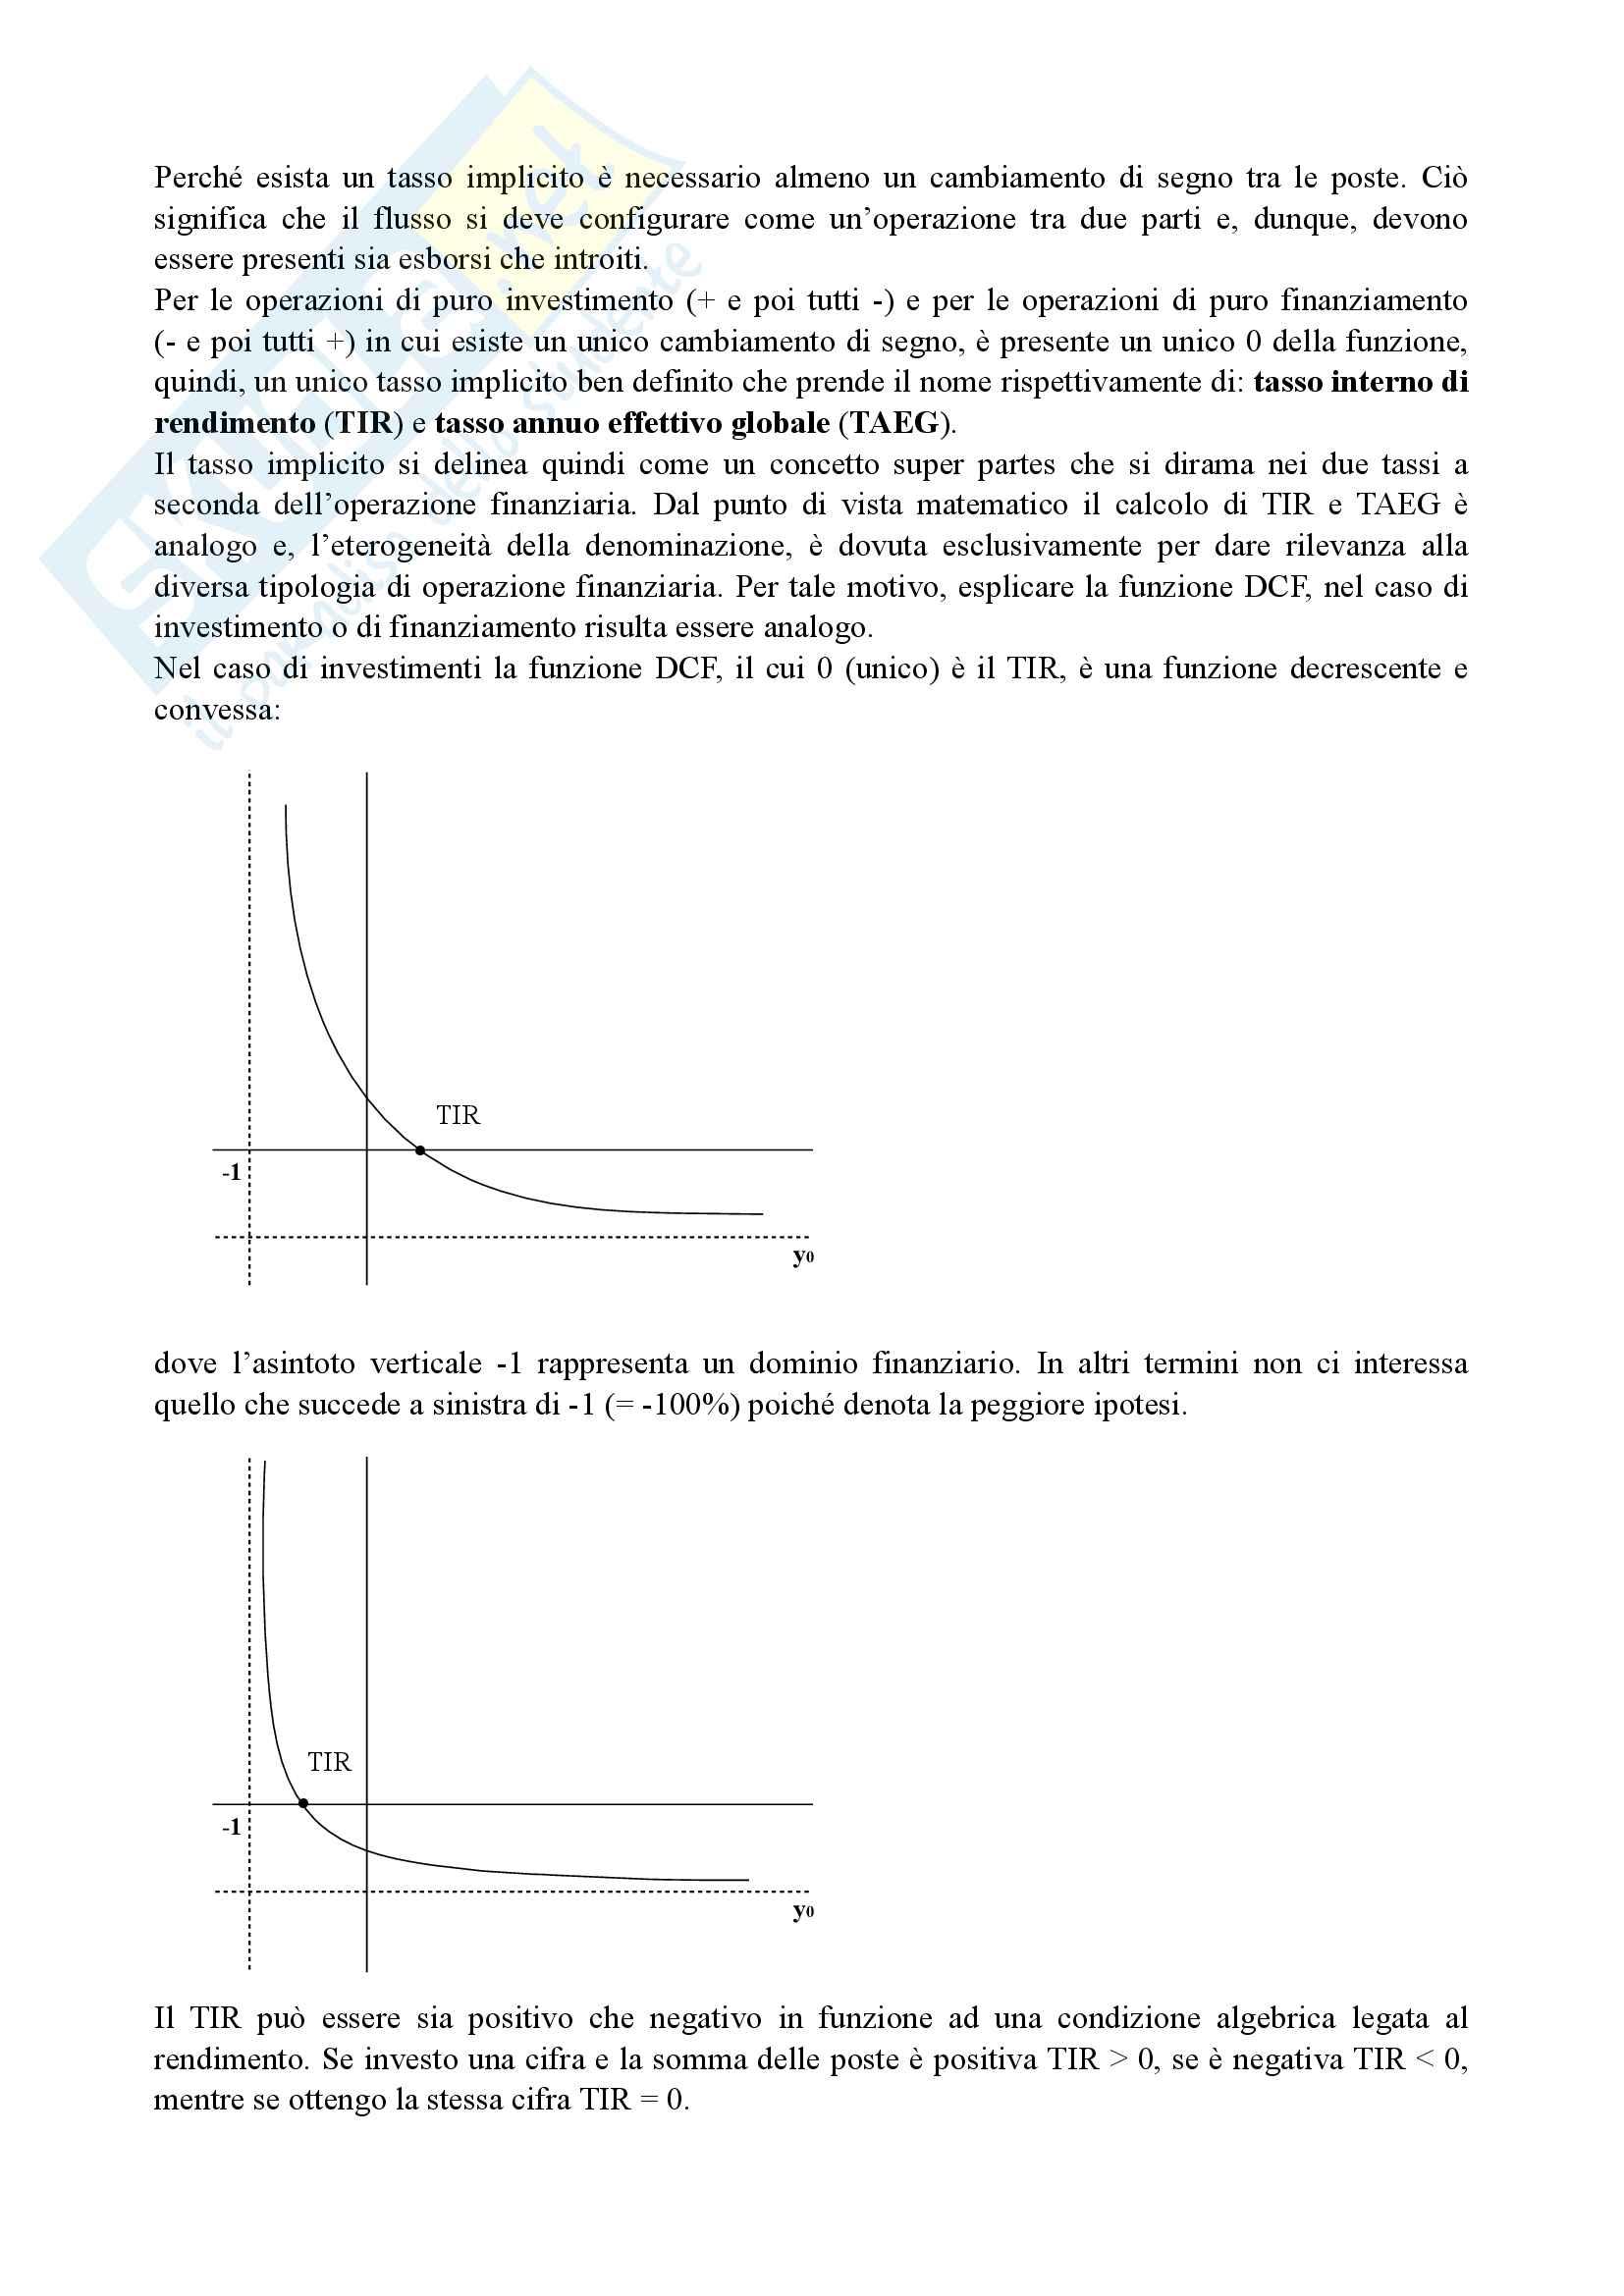 Matematica finanziaria, secondo parziale Pag. 2